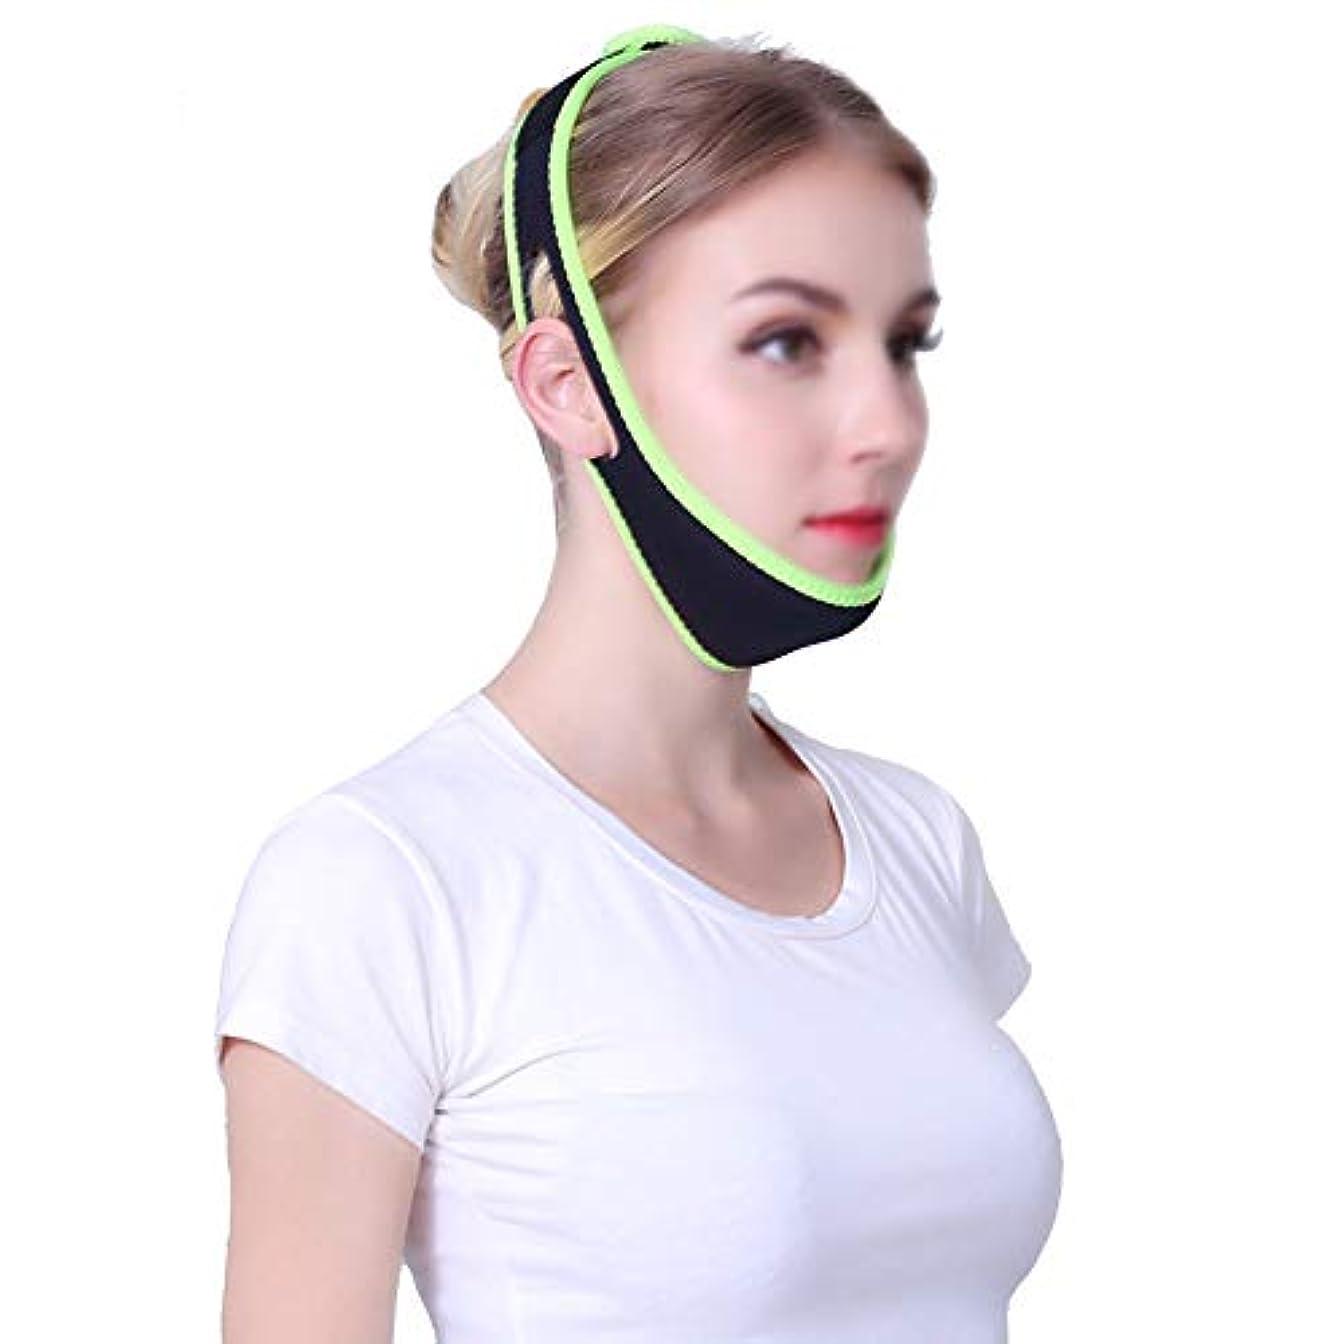 まさに永久に墓地GLJJQMY 引き締めフェイスマスク小型Vフェイスアーティファクト睡眠薄いフェイス包帯マスクリフティングマスク引き締めクリームフェイスリフティングフェイス楽器 顔用整形マスク